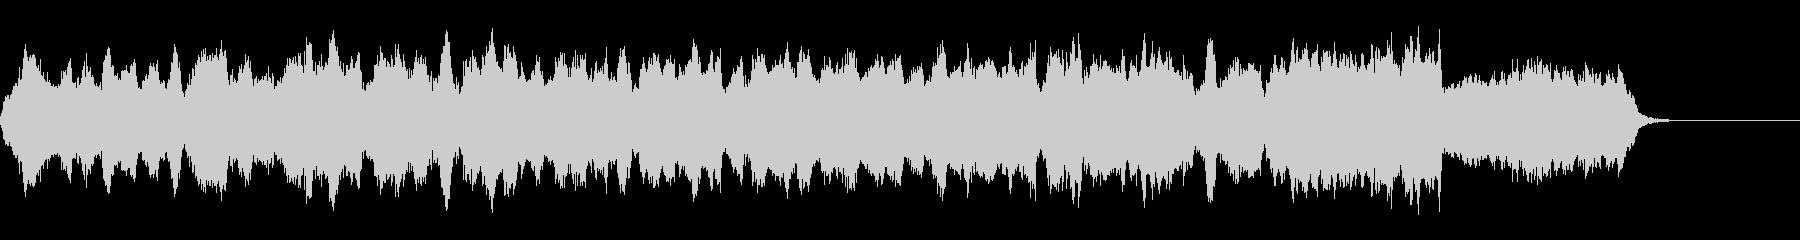 クラシック調の美しいジングルの未再生の波形